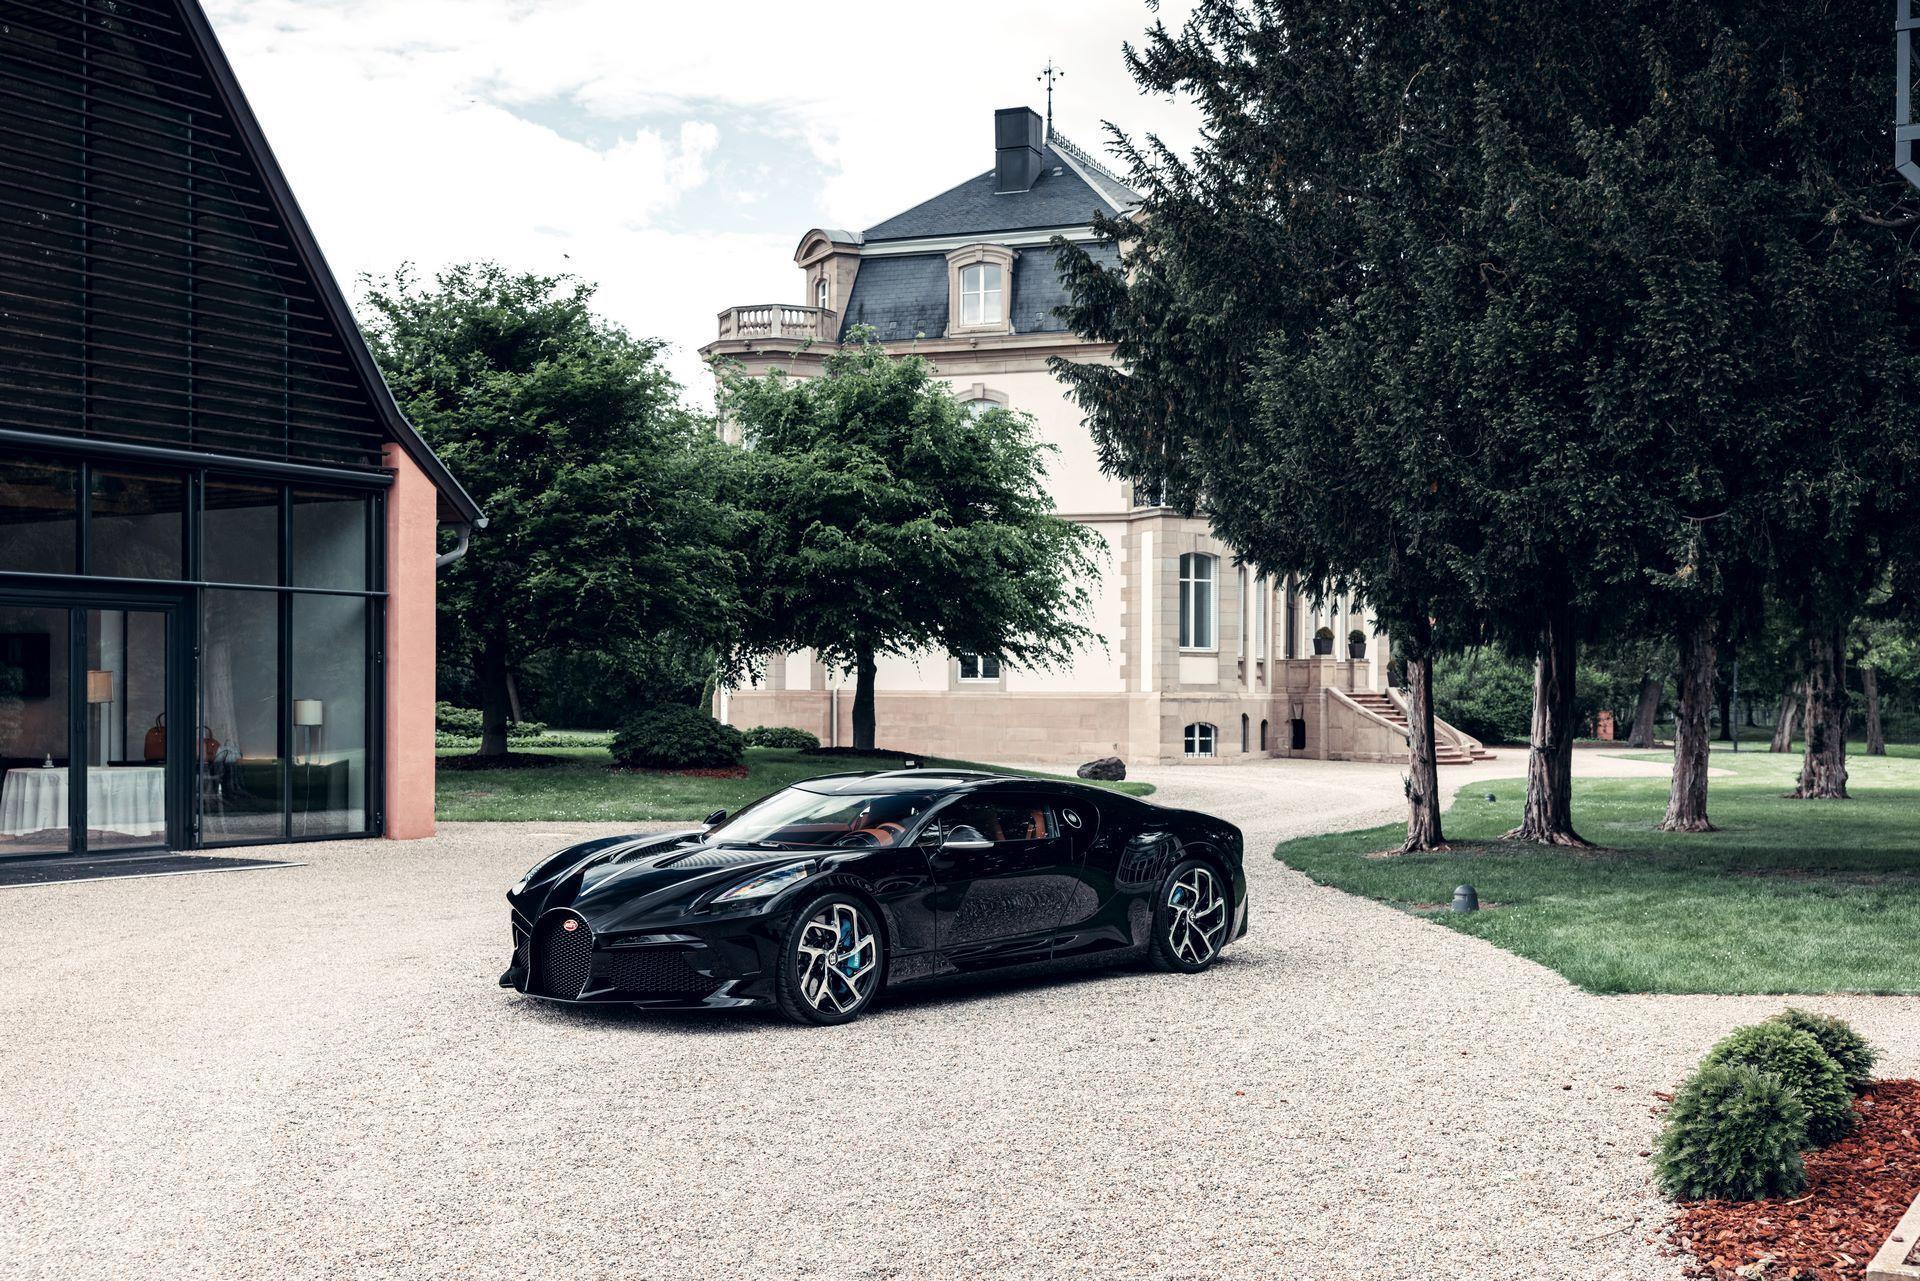 Bugatti-La-Voiture-Noire-7